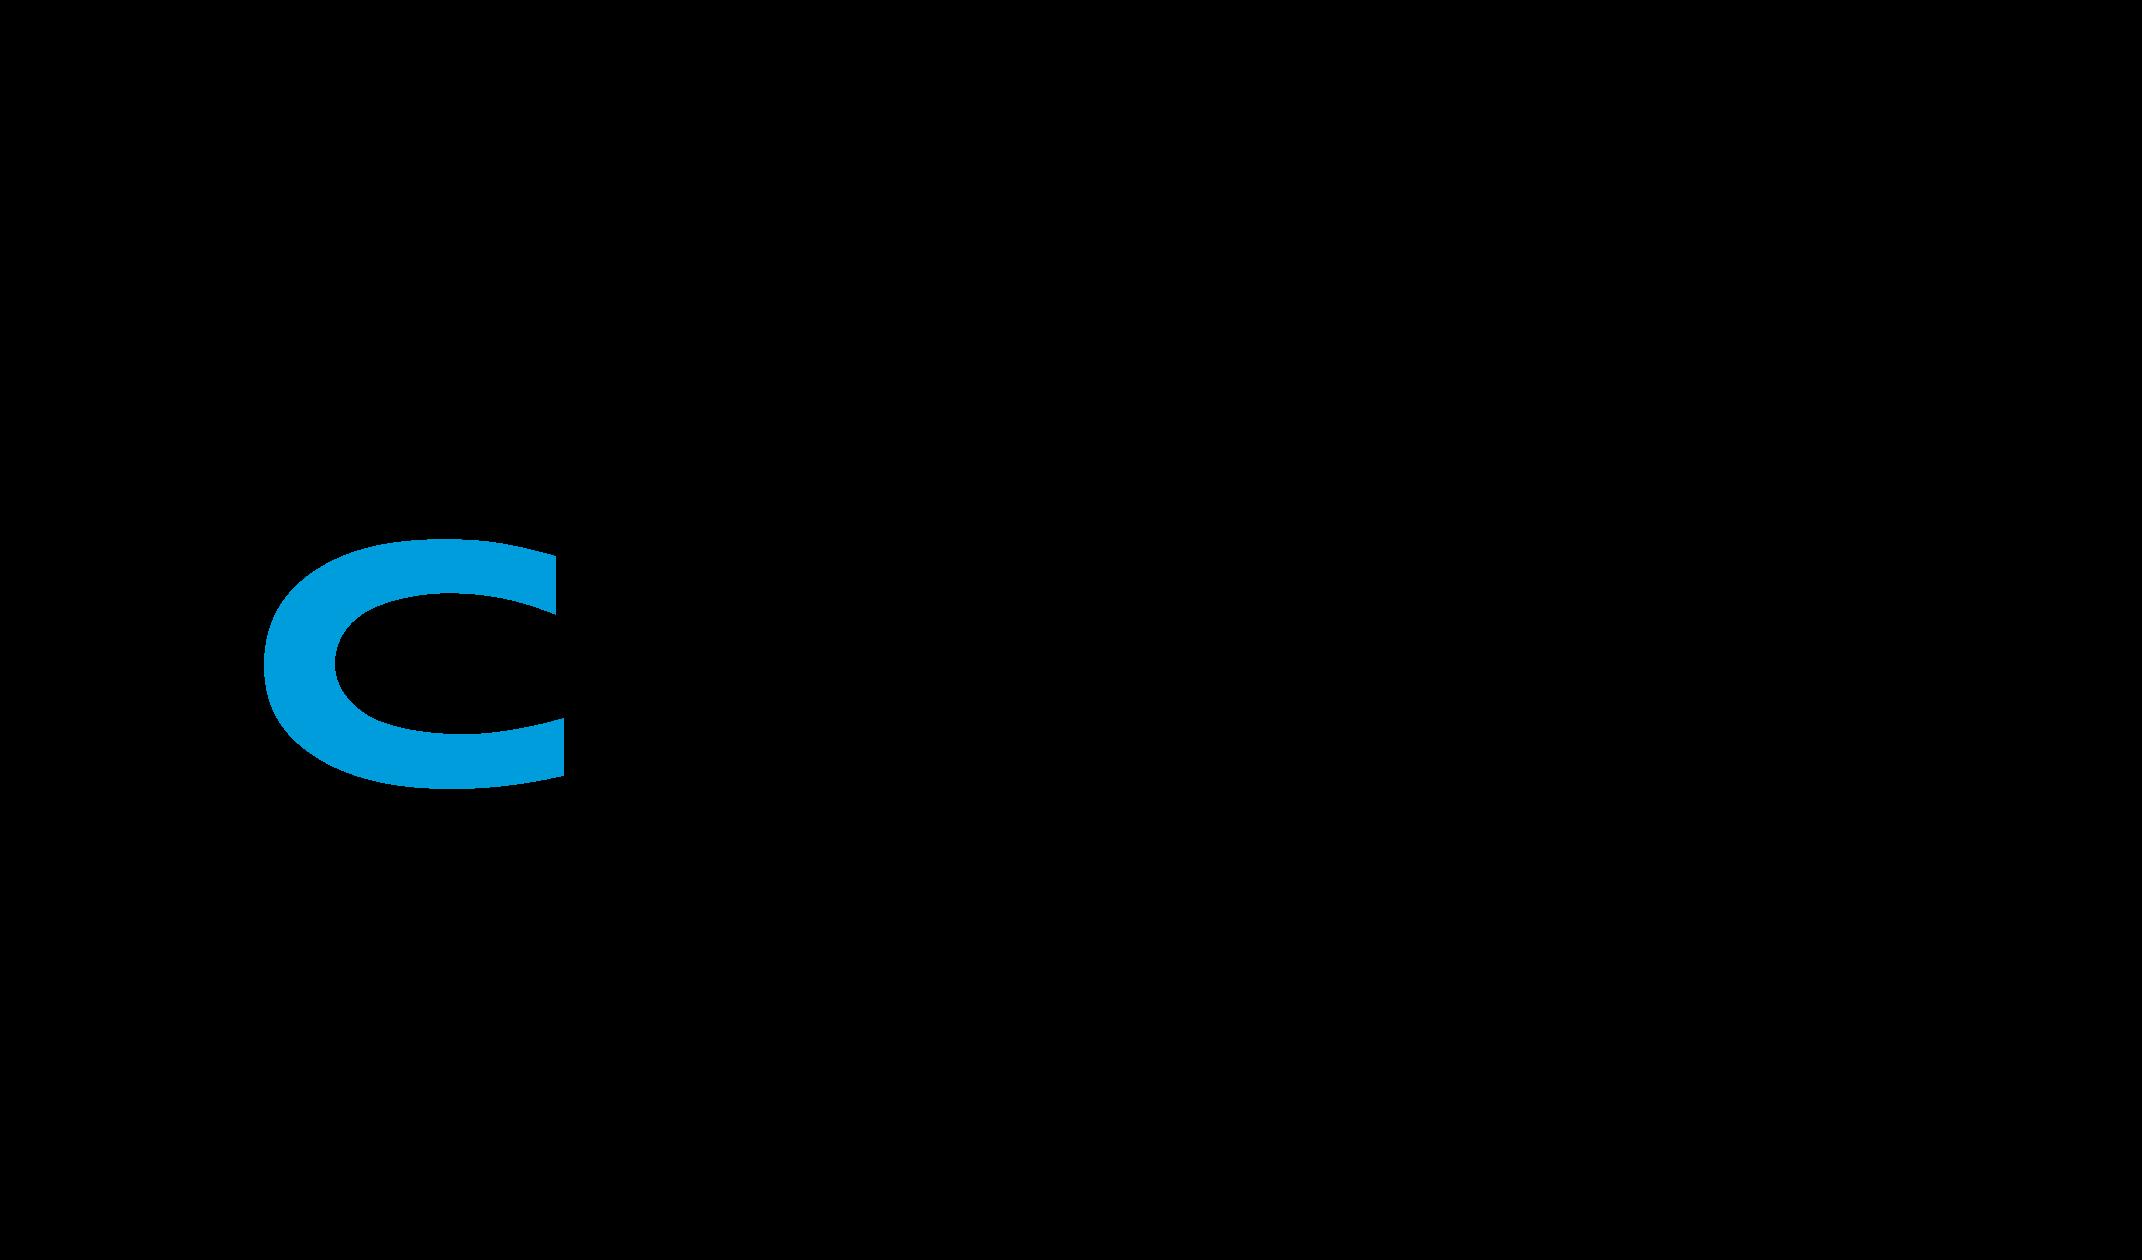 cvent-logo-HI-Res